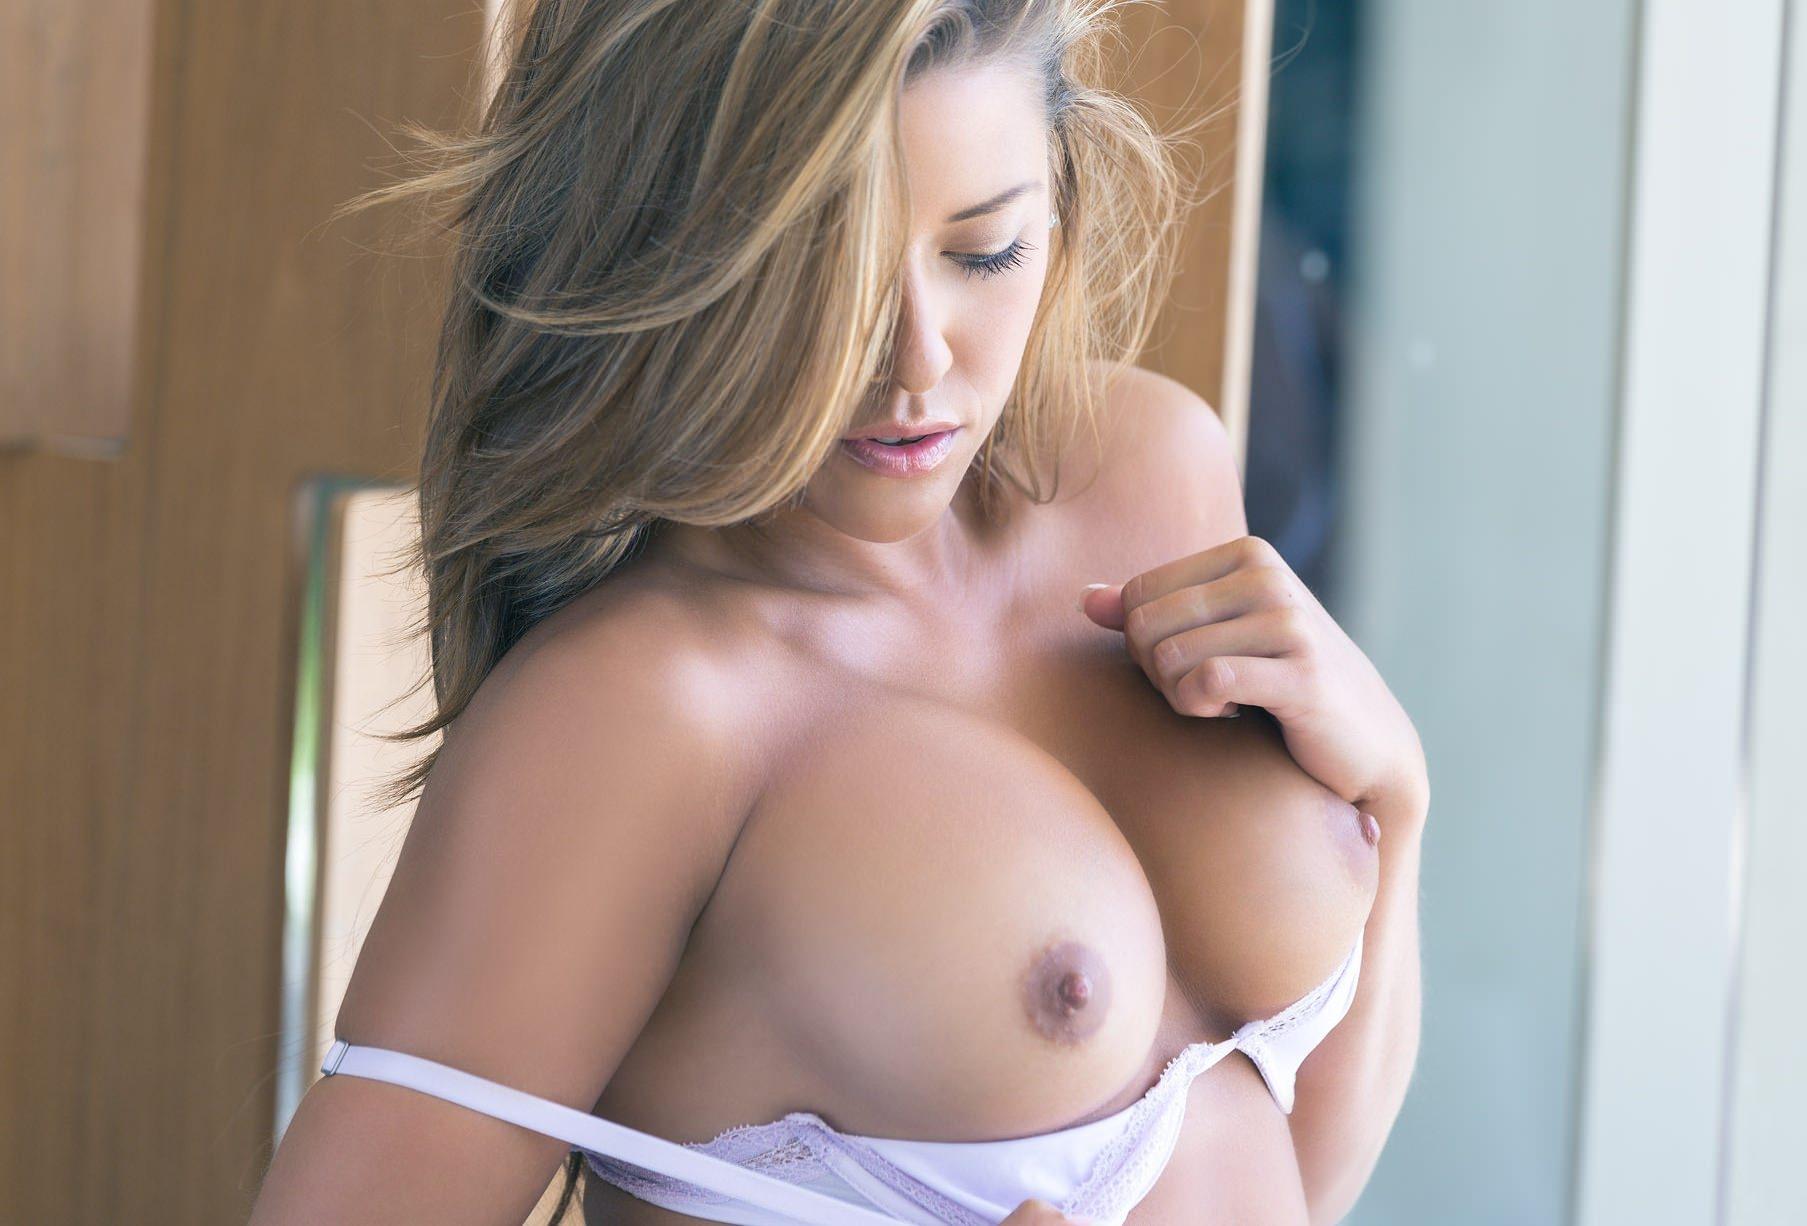 Фото Красивая девушка с большой обнаженной грудью, девушка снимает белый лифчик, большие красивые сиськи, упругие соски, красивая эротика, упругие сиськи. Sexy girl, naked big tits, temptation, nipples, pretty boobs, white bra, cool breasts, скачать картинку бесплатно